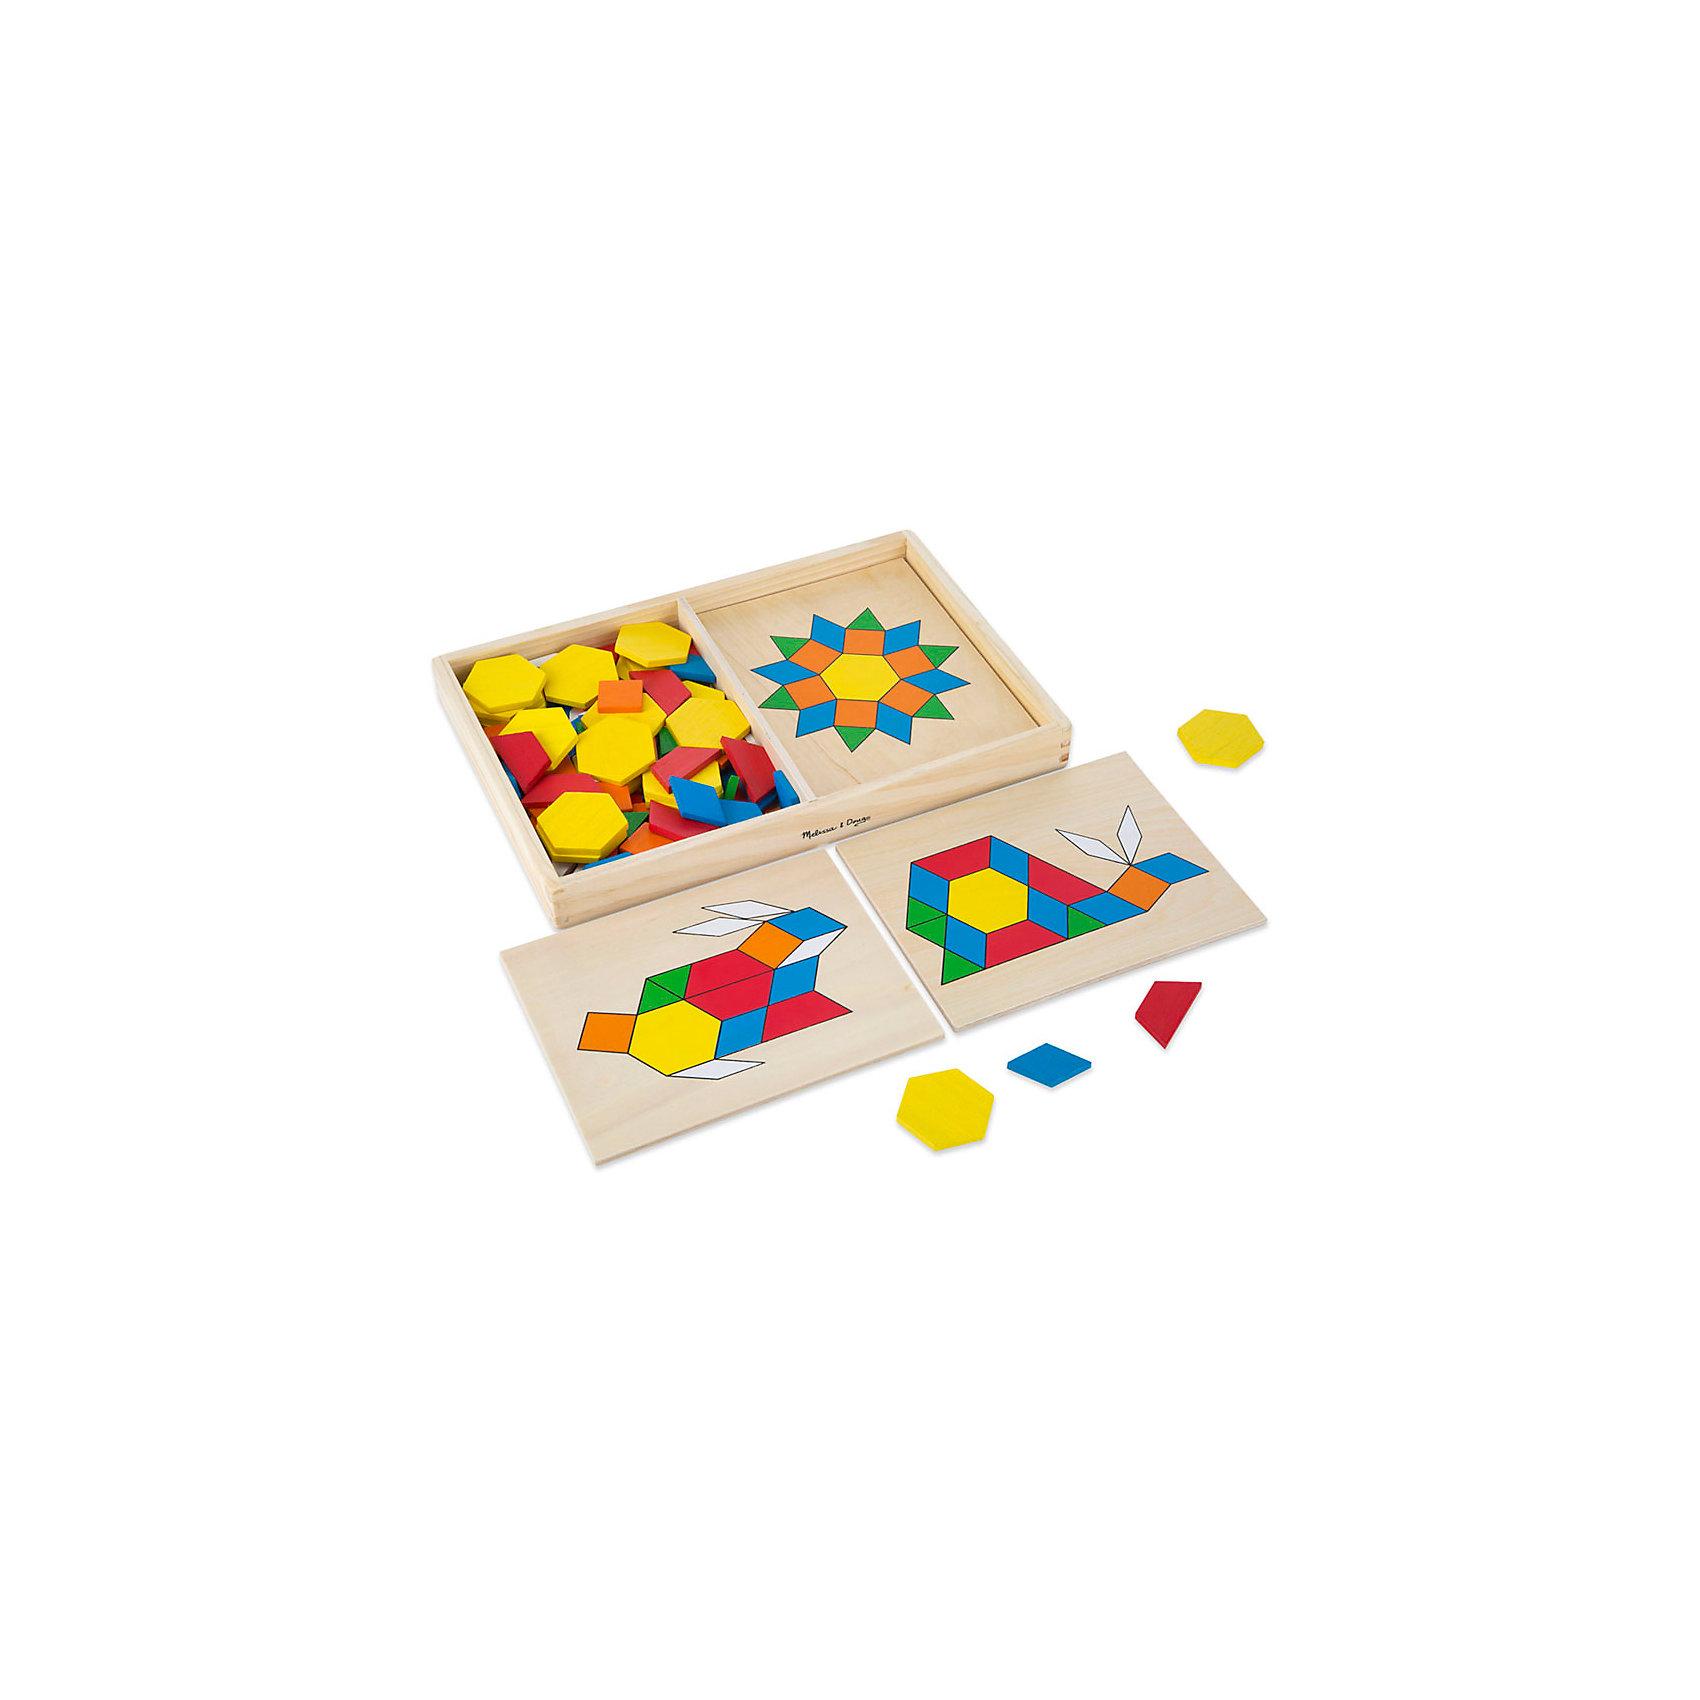 Трафарет с блоками на досках, Melissa &amp; DougРазвивающие игры<br>Замечательная развивающая игра - трафарет с блоками на досках от известного бренда Melissa &amp; Doug для Вашего ребенка. Игра стимулирует воображение и фантазию, развивает мелкую моторику, помогает легко запомнить цвета и геометрические формы. Изделие выполнено из натуральной древесины высокого качества с использованием нетоксичных и безопасных для здоровья малыша красок. Обладает следующими особенностями:<br>- экологически чистые материалы;<br>- яркие насыщенные цвета;<br>- 120 деревянных элементов;<br>- 5 двусторонних дощечек с вырезанными изображениями, которые нужно заполнить небольшими геометрическими фигурками;<br>- удобная и прочная деревянная коробочка для хранения.<br>Качественная и полезная игрушка для ребенка. <br><br>Дополнительная информация:<br>- Вес: 1133 гр;<br>- Габариты: 220х330х40 мм;<br>- Рекомендуемый возраст: с 12 месяцев с обязательным участием взрослых (содержит мелкие детали).<br><br>Трафарет с блоками на досках Melissa &amp; Doug можно купить в нашем магазине<br><br>Ширина мм: 220<br>Глубина мм: 330<br>Высота мм: 40<br>Вес г: 1133<br>Возраст от месяцев: 36<br>Возраст до месяцев: 72<br>Пол: Унисекс<br>Возраст: Детский<br>SKU: 3927696